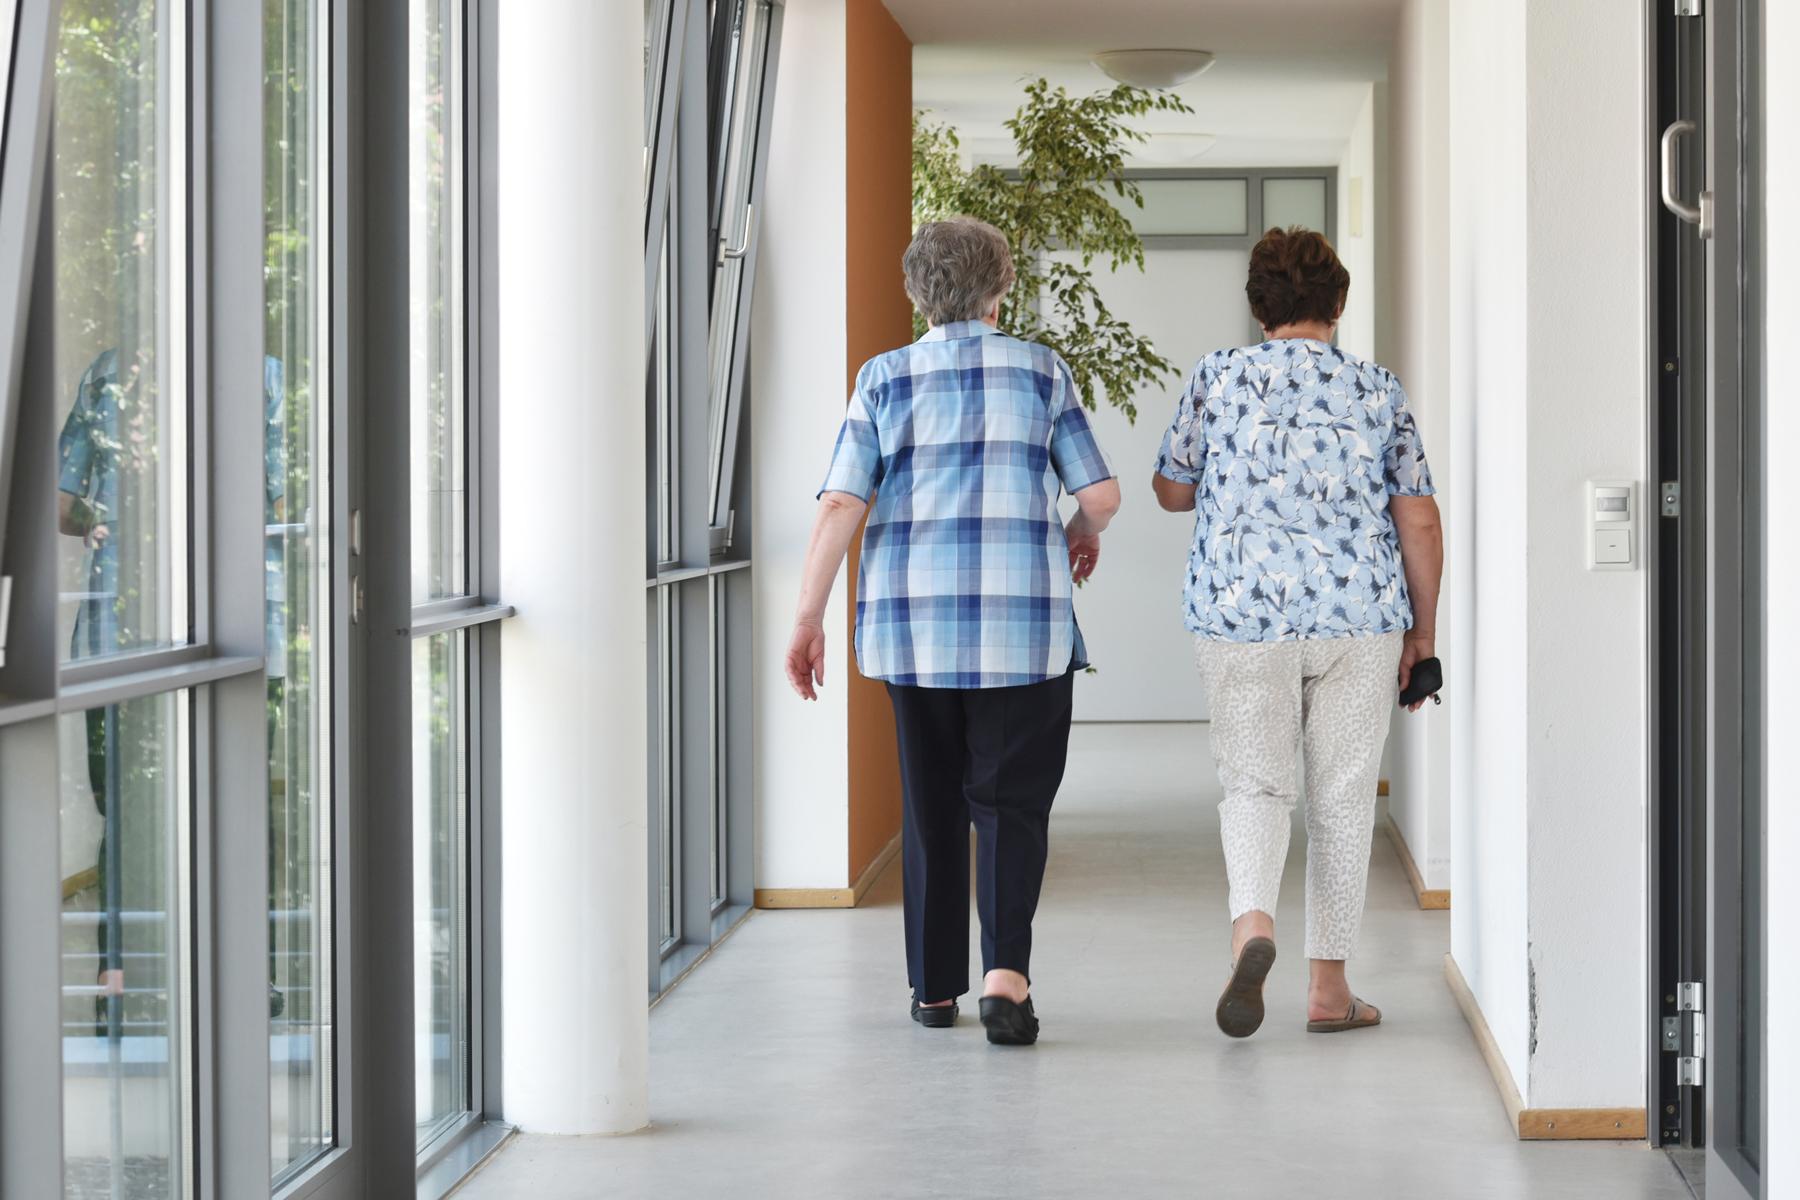 Zwei ältere Damen gehen einen Flur entlang